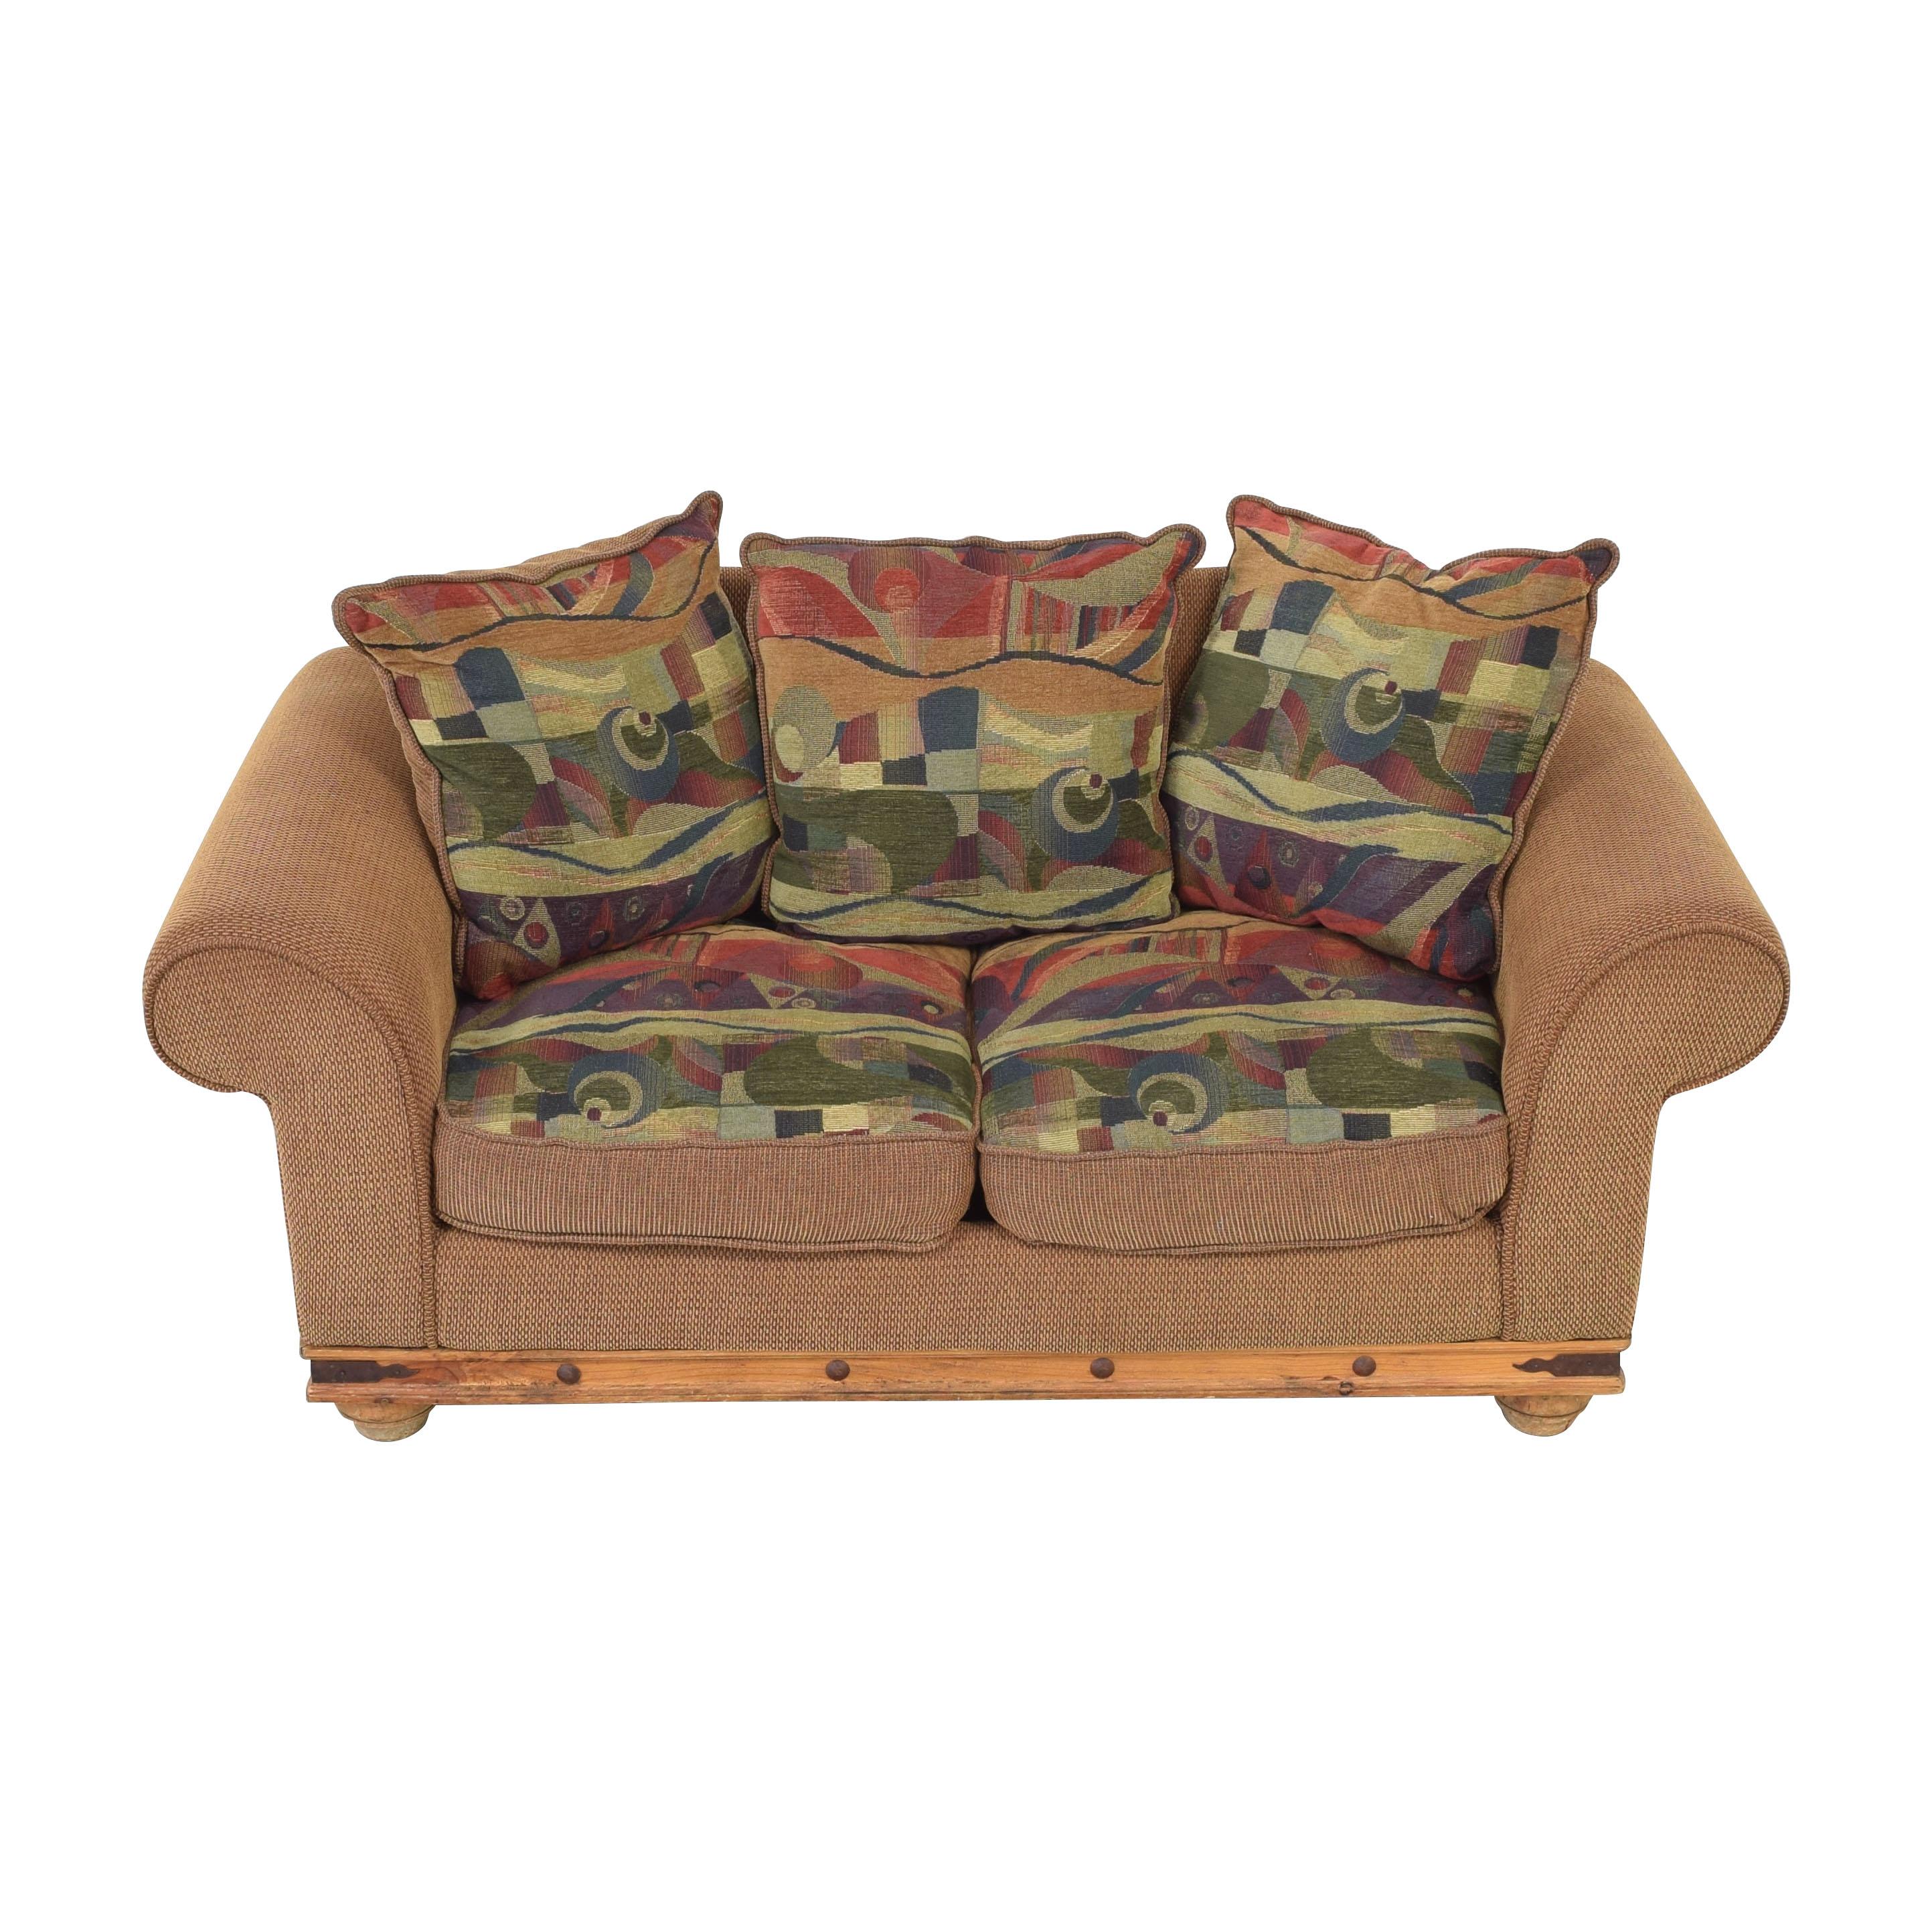 El Dorado Furniture El Dorado Two Seat Sofa ct